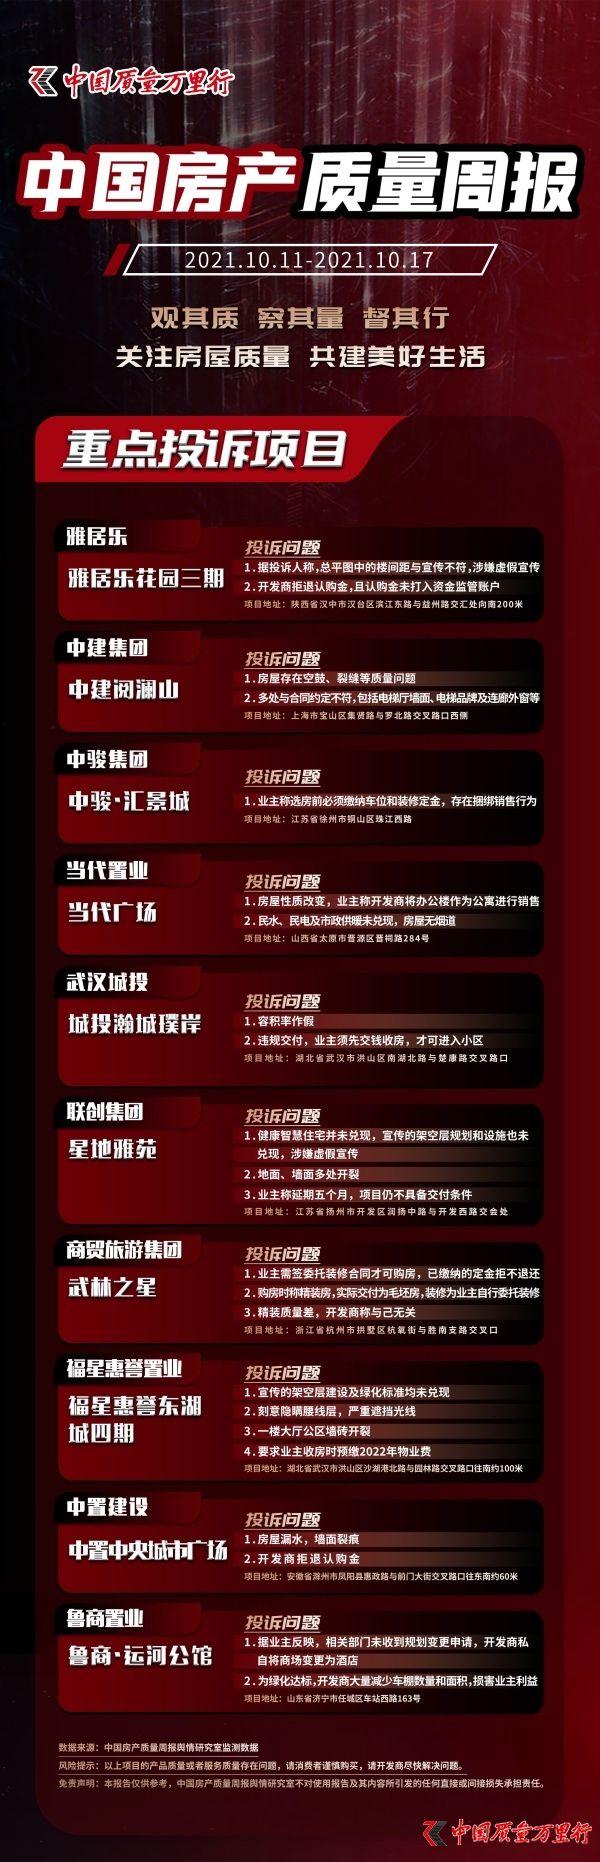 中国房产质量周报第十期:买房捆绑车位、装修,购房者犯难了!